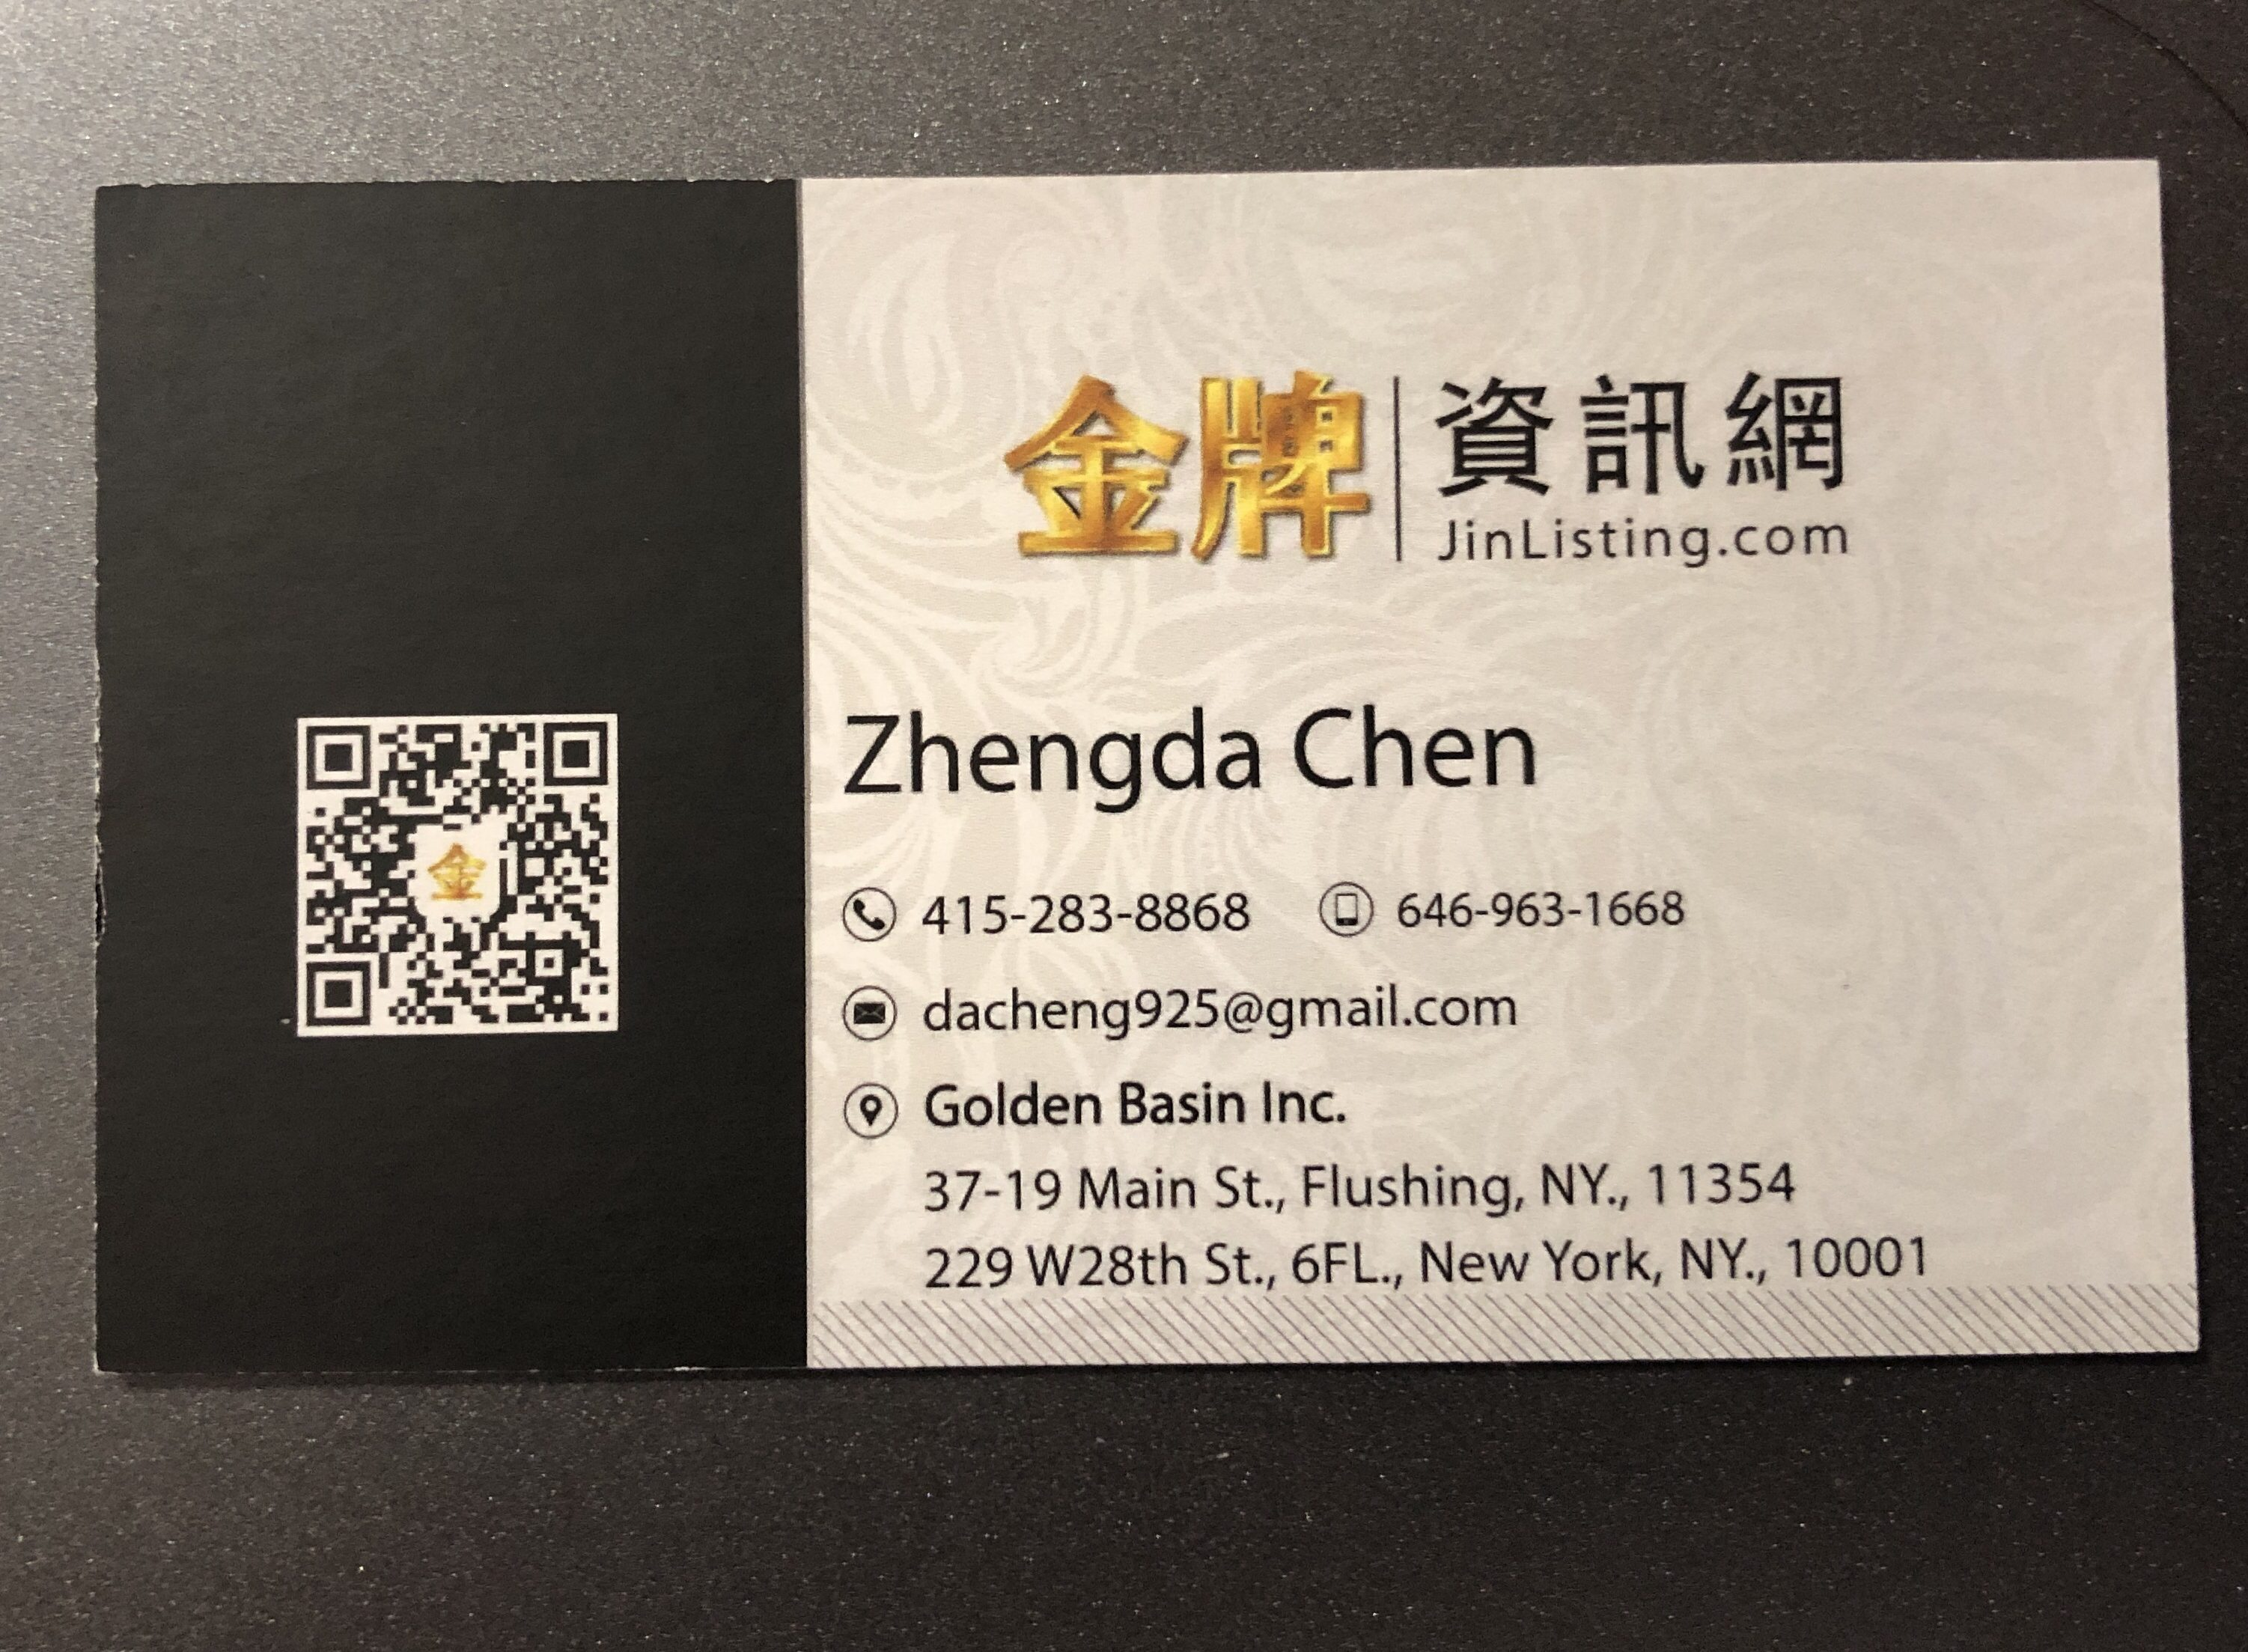 金牌資訊网415-283-8868 华人资讯网/纽约最好的资讯网